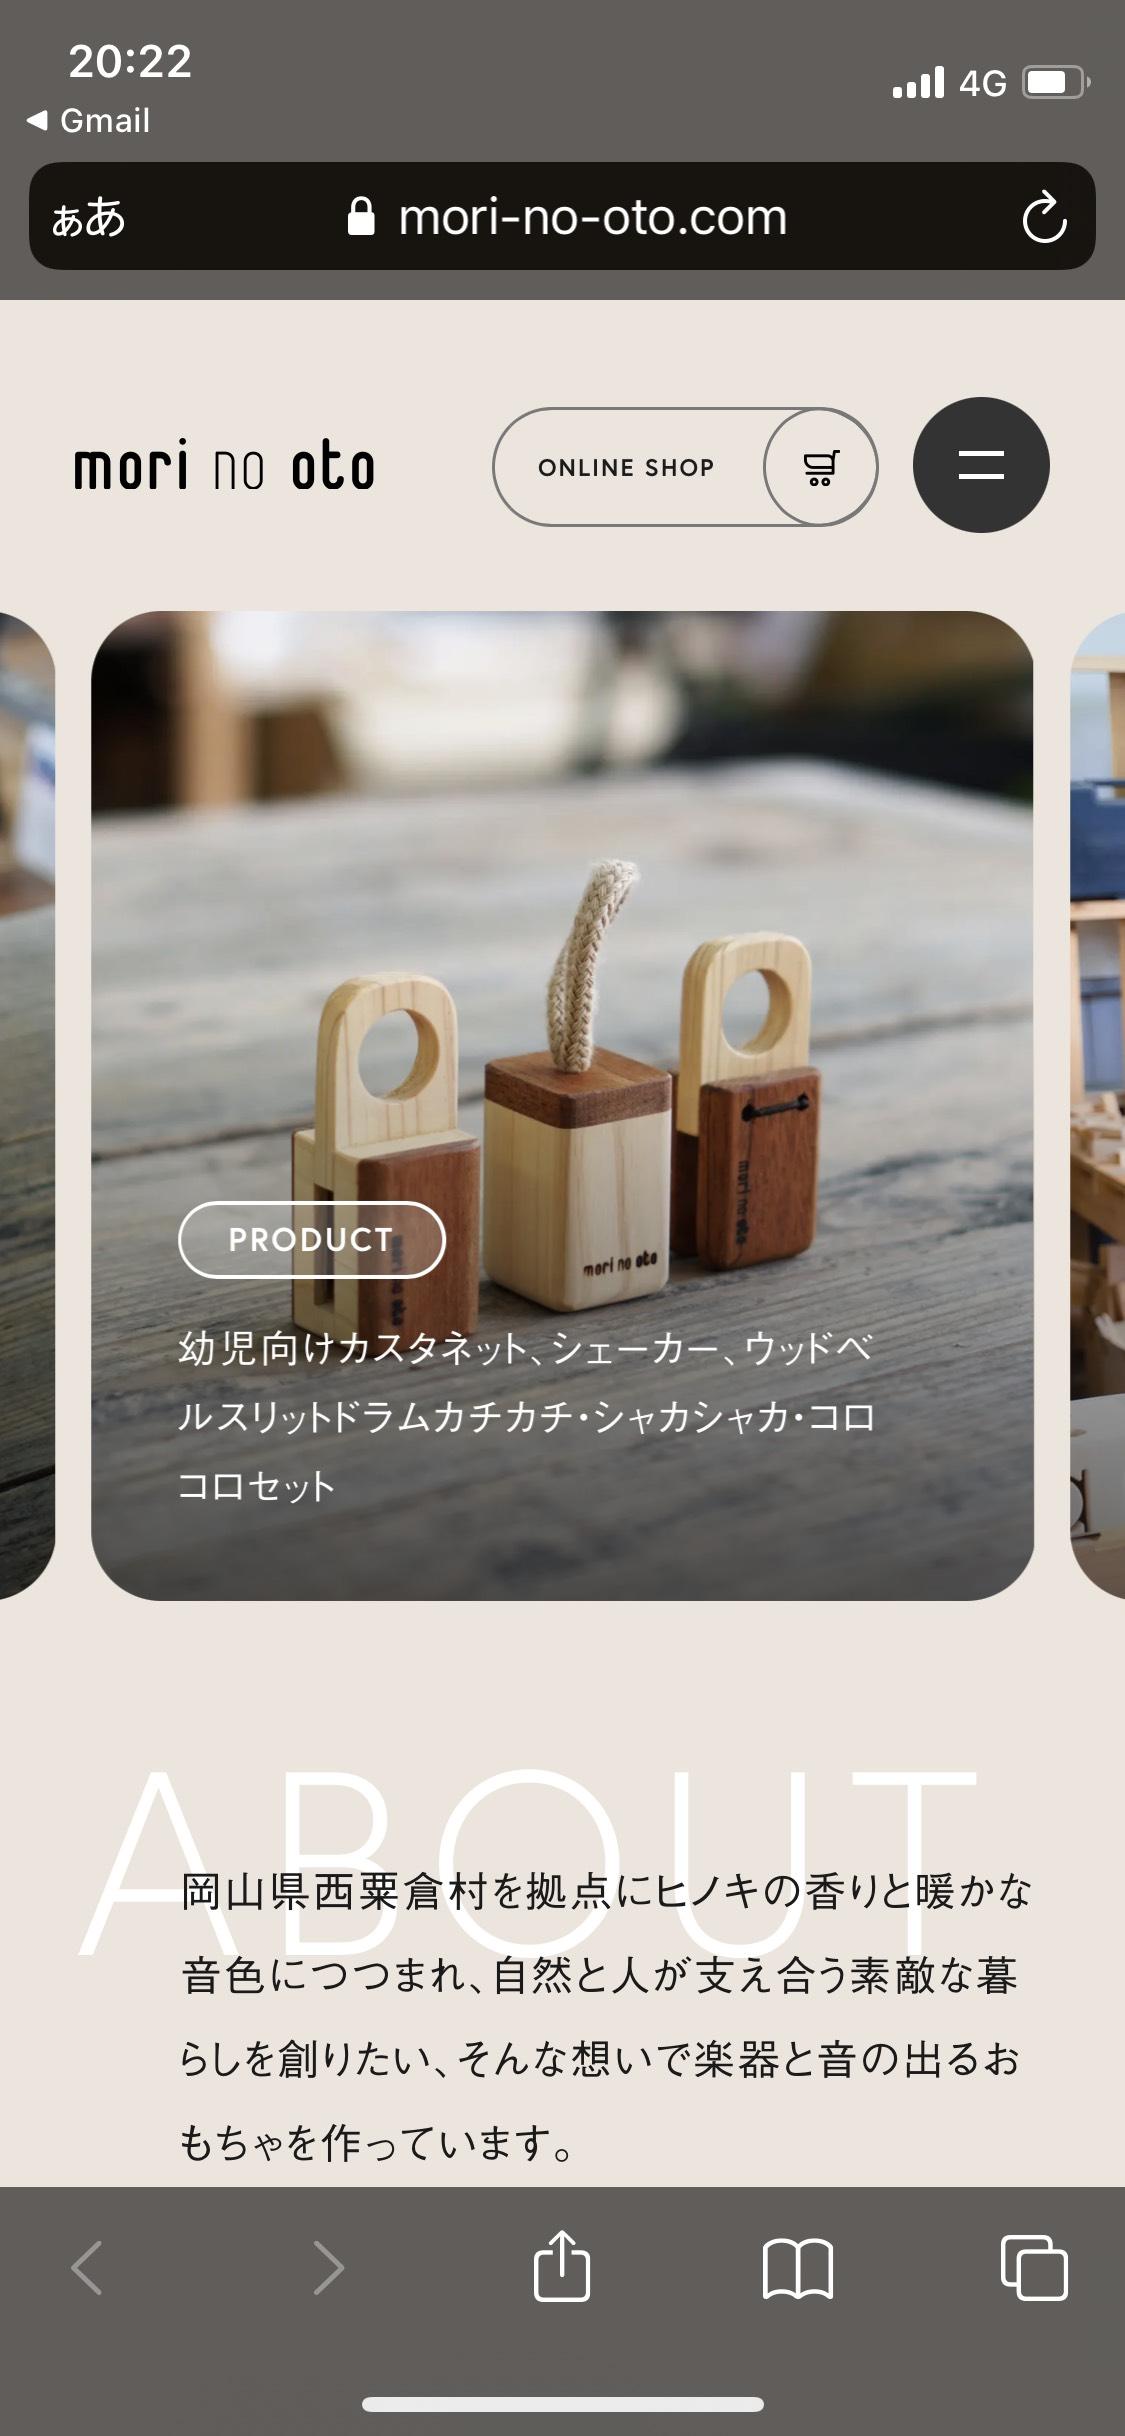 岡山の楽器とおもちゃ製作 – mori-no-otoのサイト